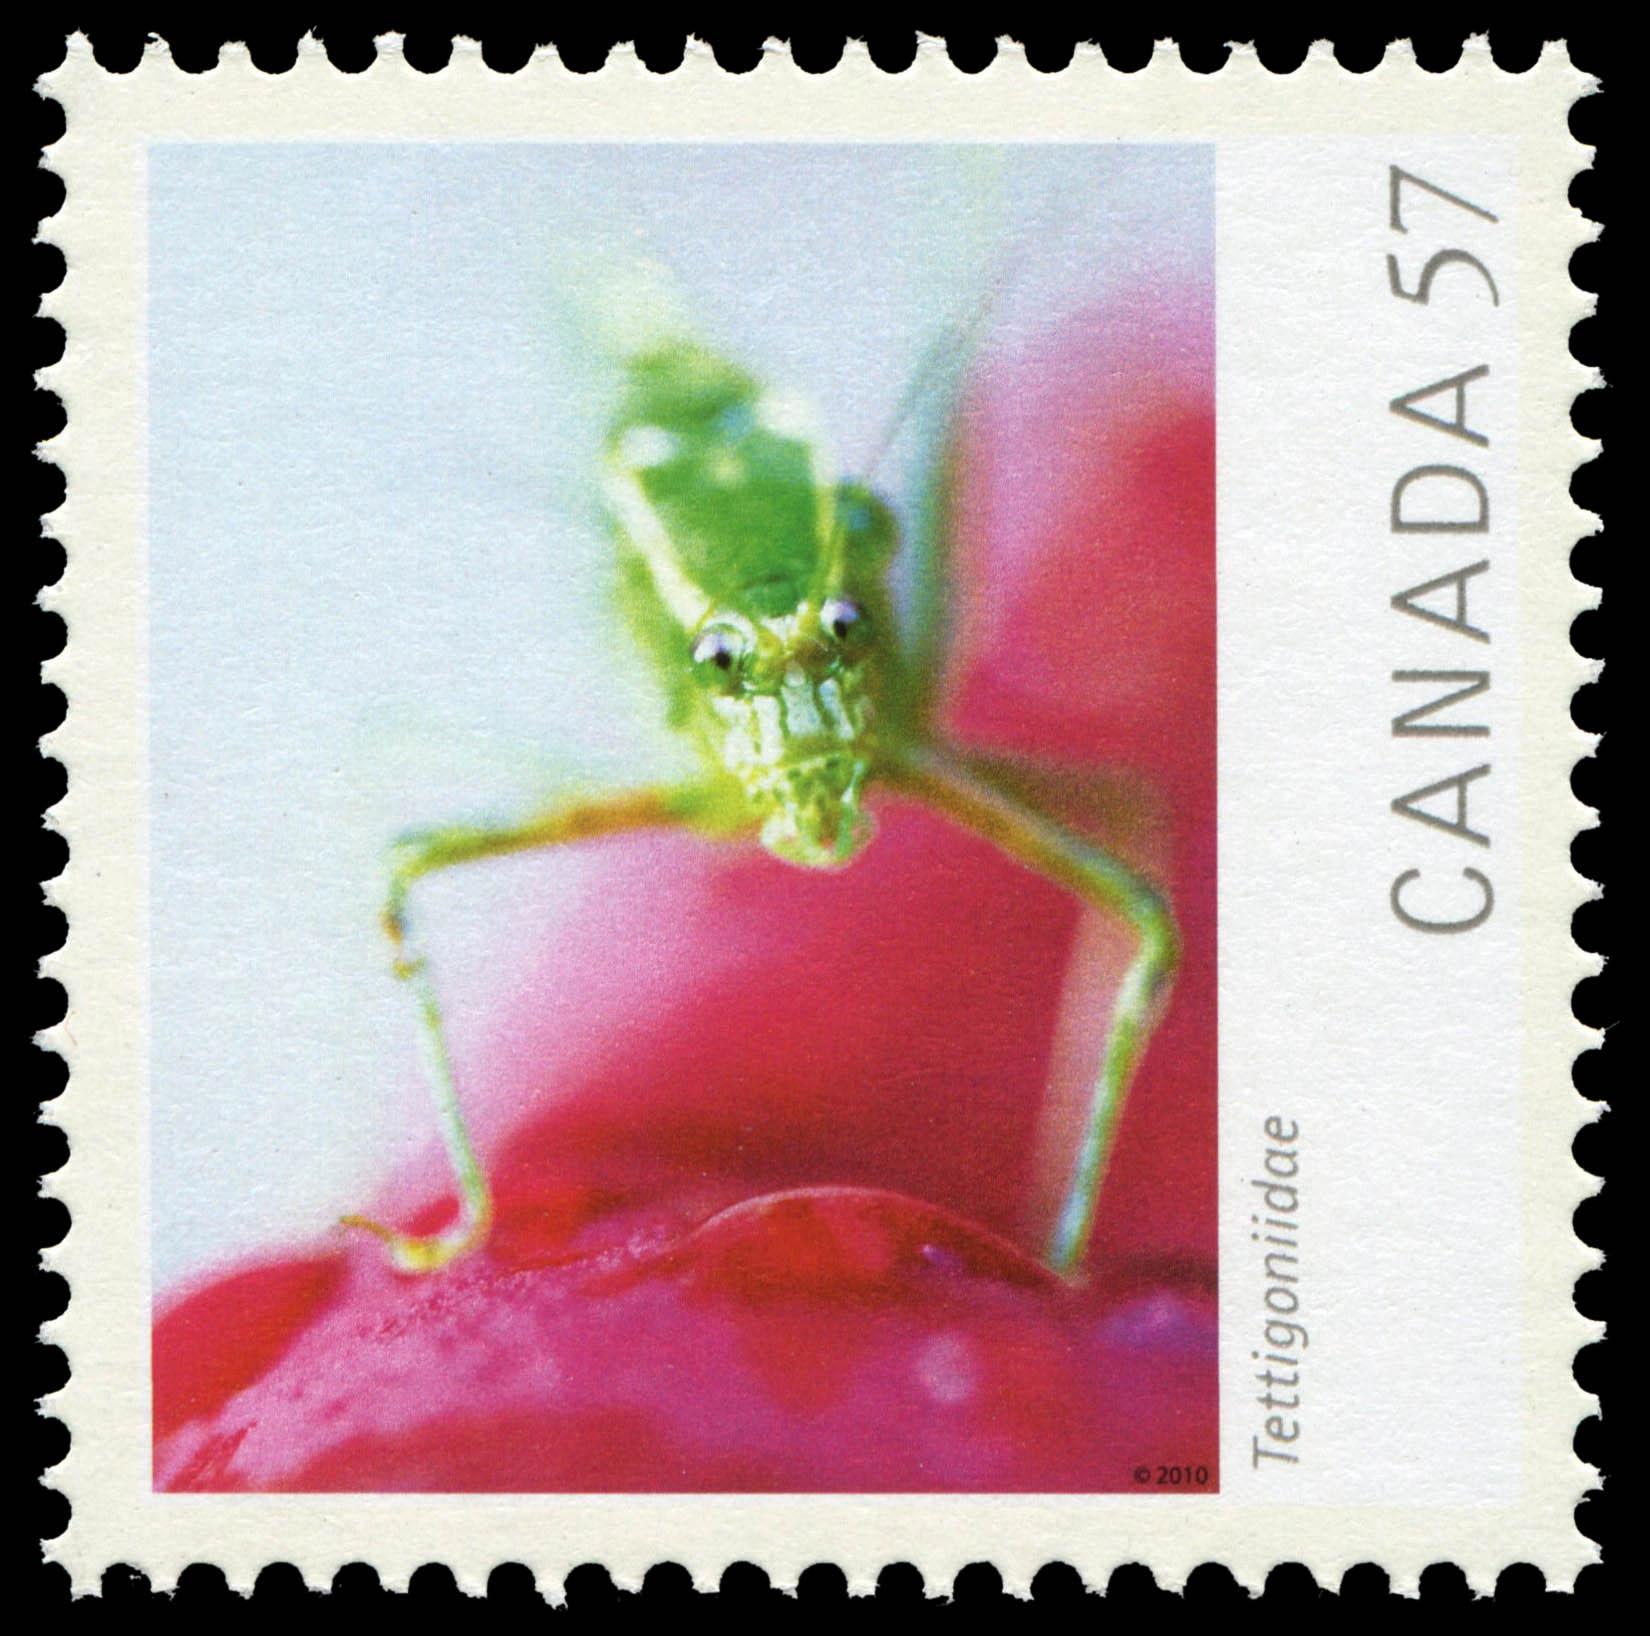 Tettigoniidae (Katydid) Canada Postage Stamp